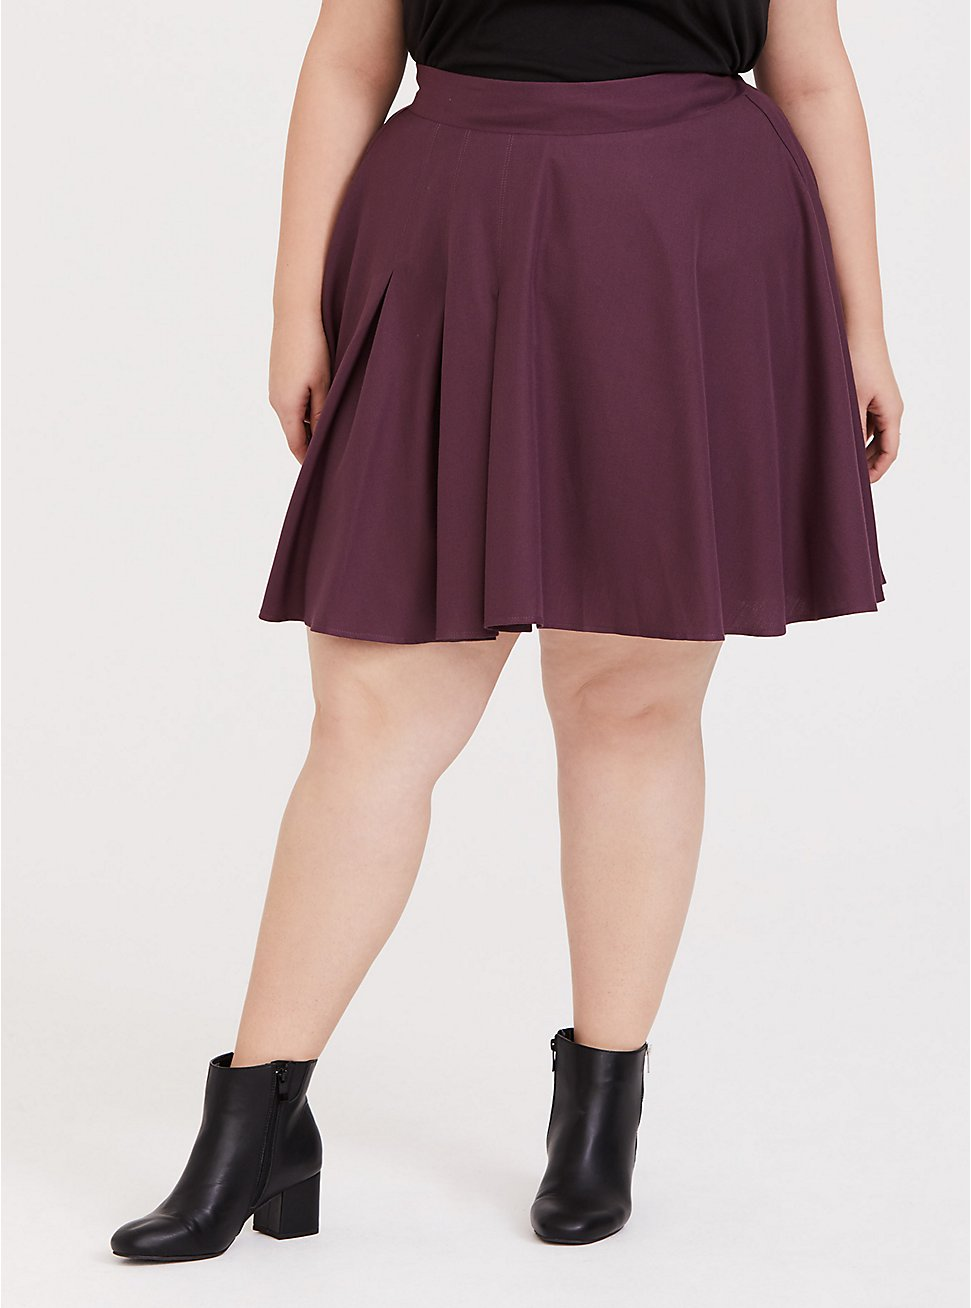 Purple Wine Twill Pleated Mini Skater Skirt, EGGPLANT, hi-res